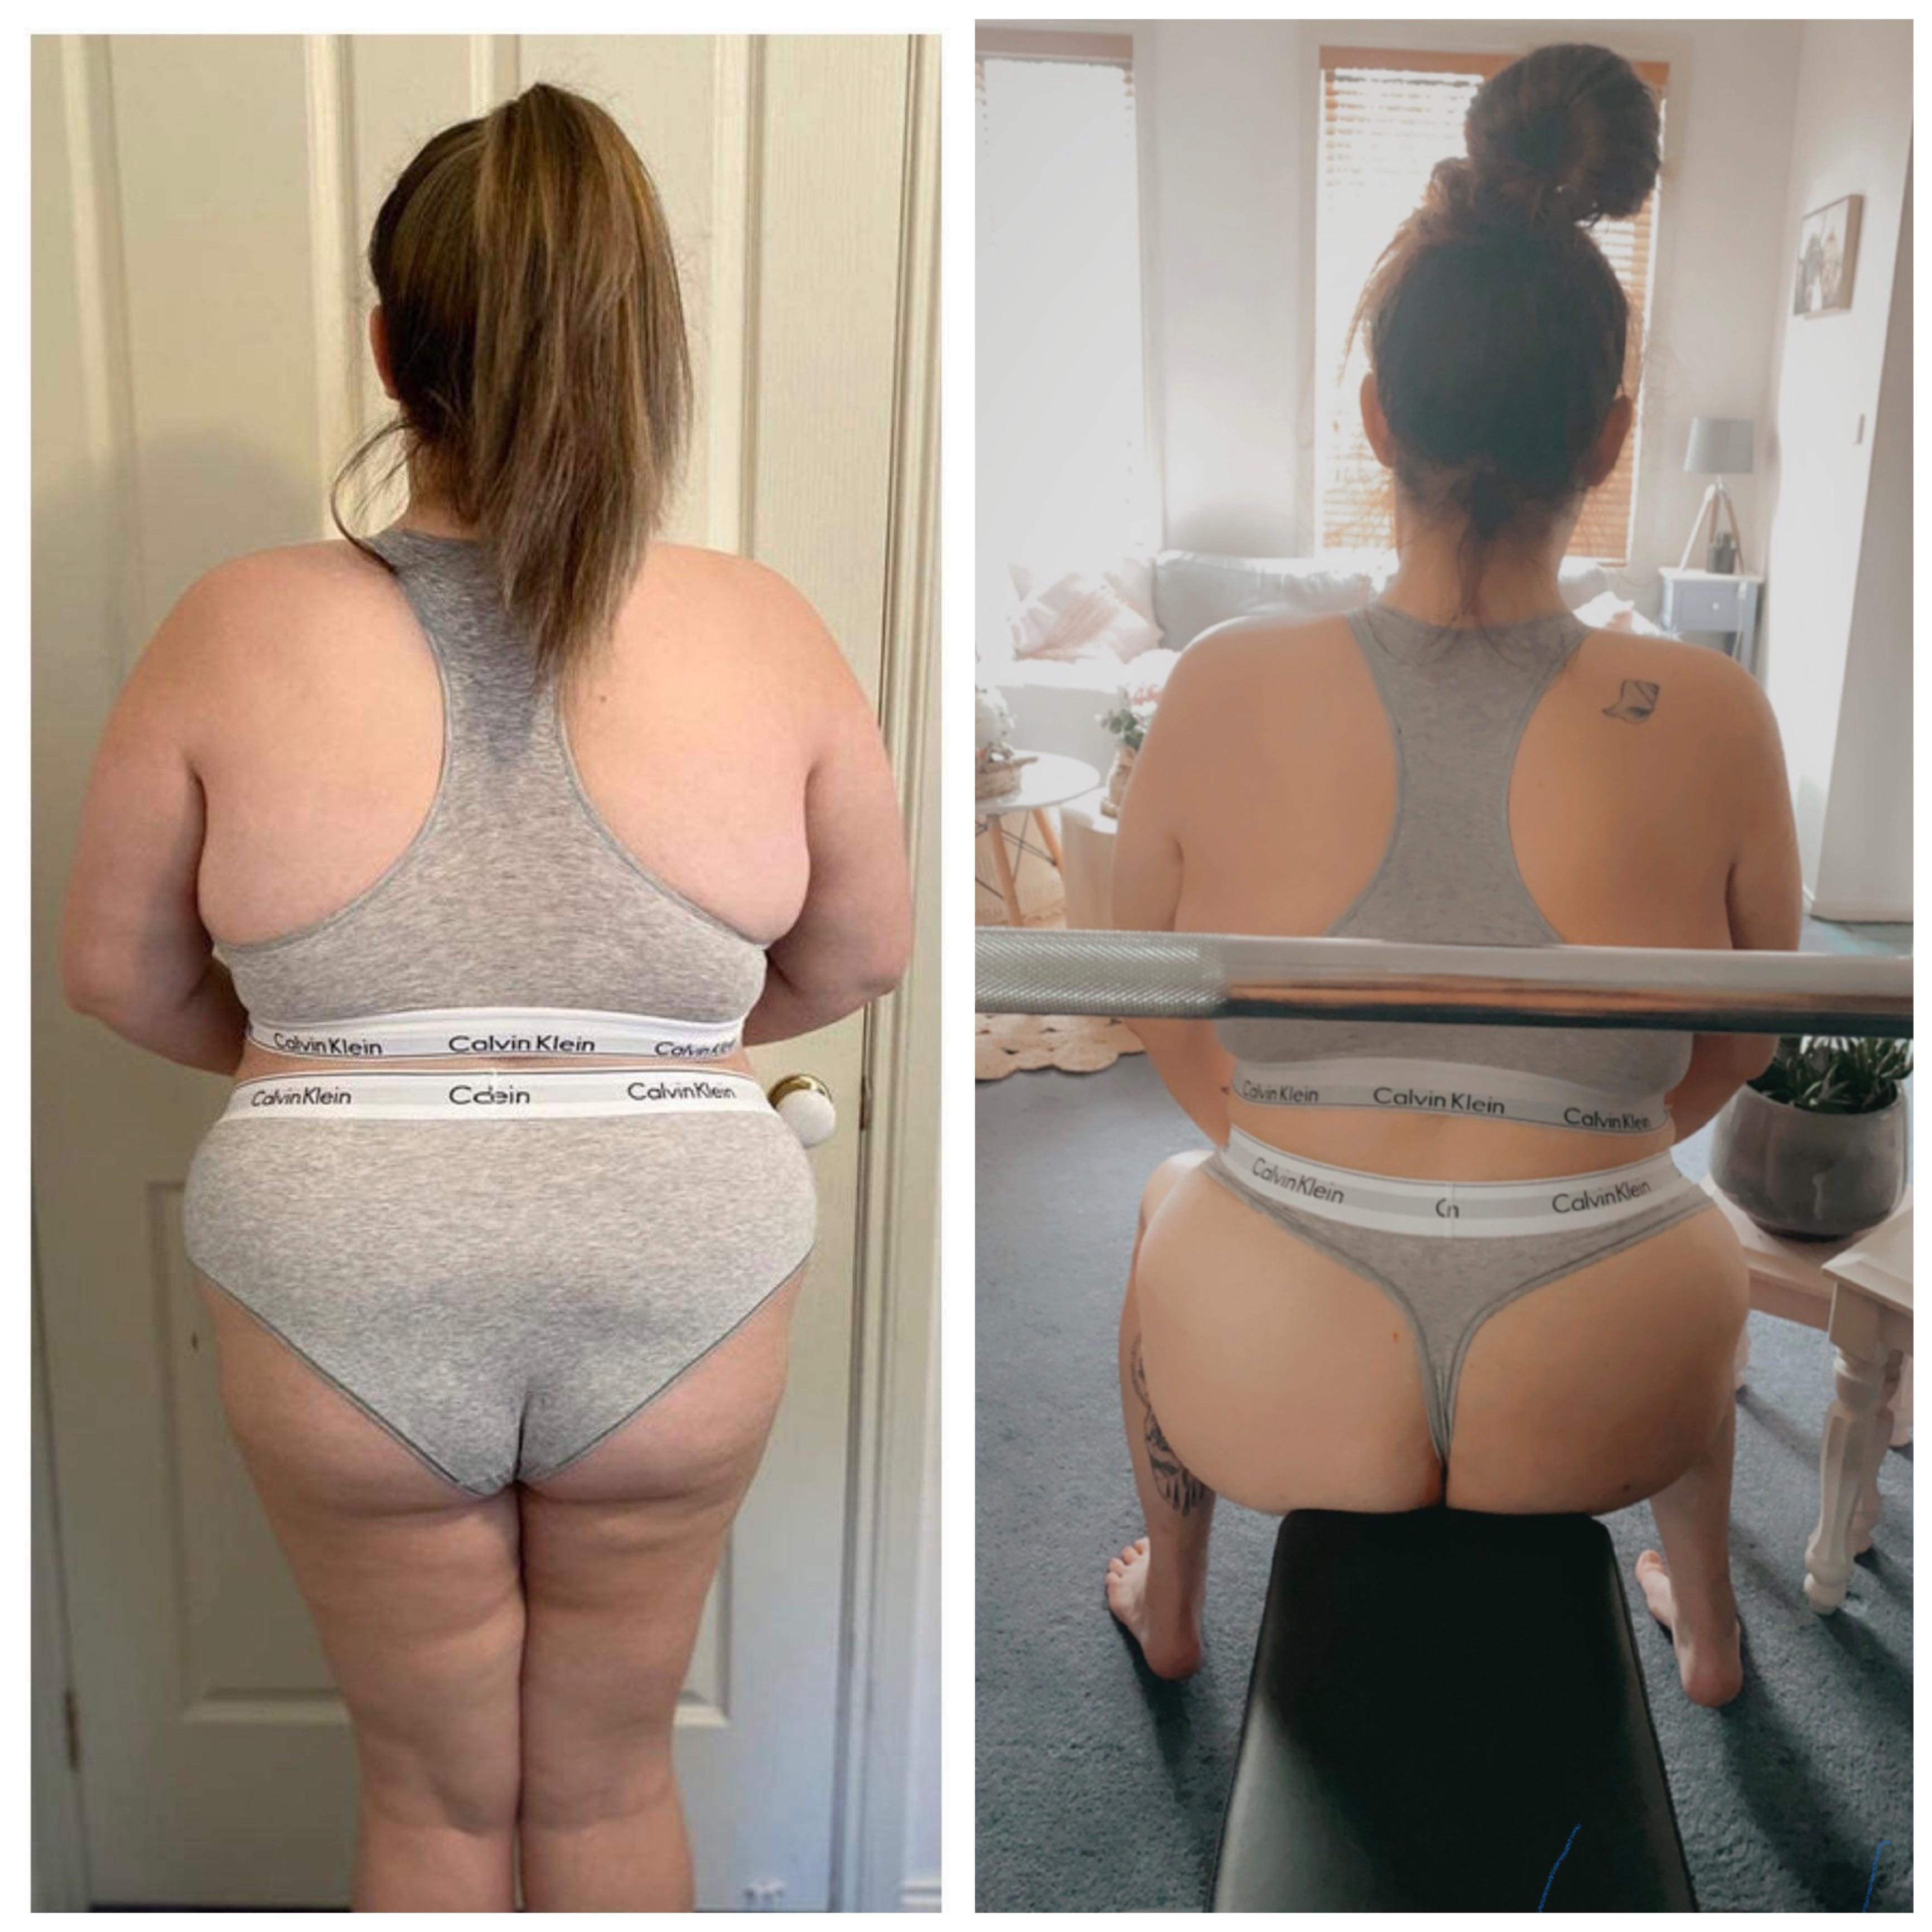 Progress Pics of 91 lbs Fat Loss 5 feet 9 Female 298 lbs to 207 lbs